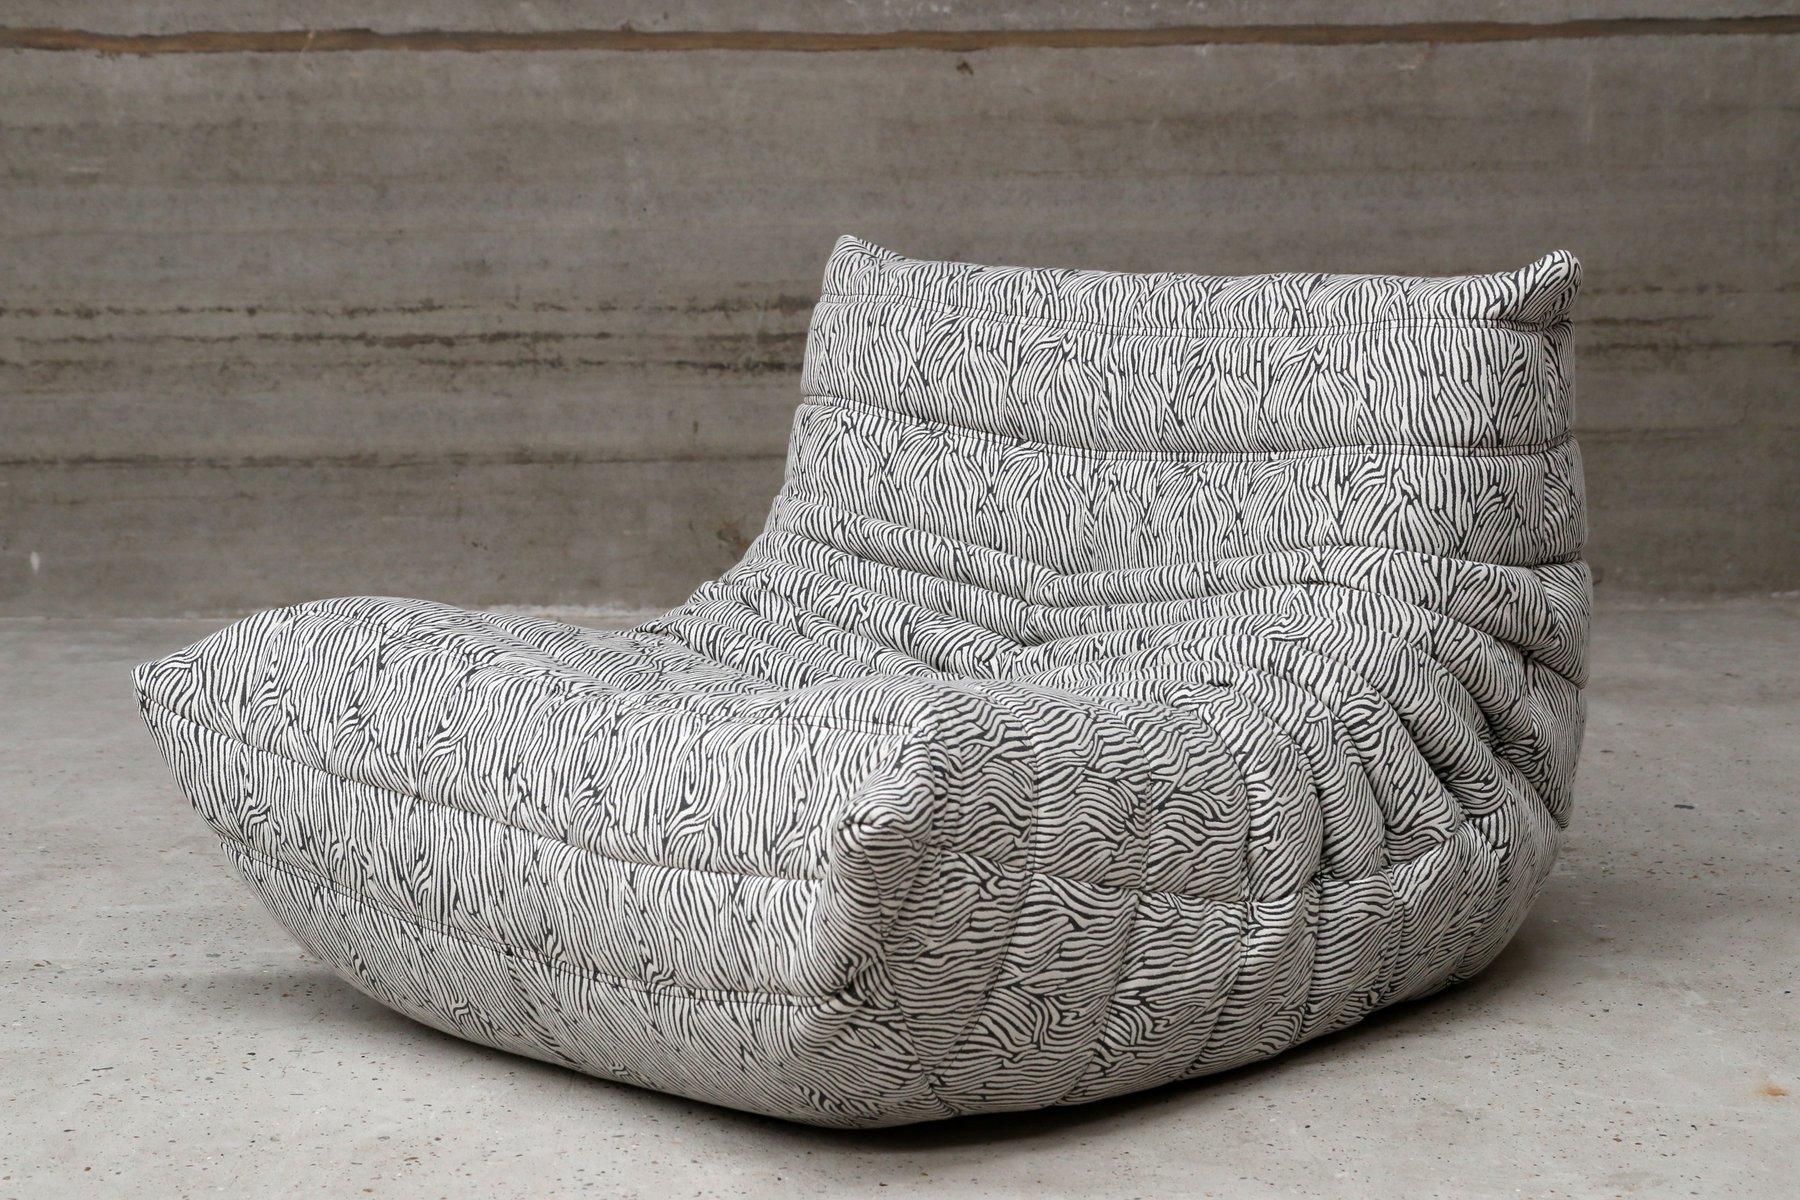 Vintage zebra pattern togo pouf by michel ducaroy for ligne roset for s - Pouf togo ligne roset ...